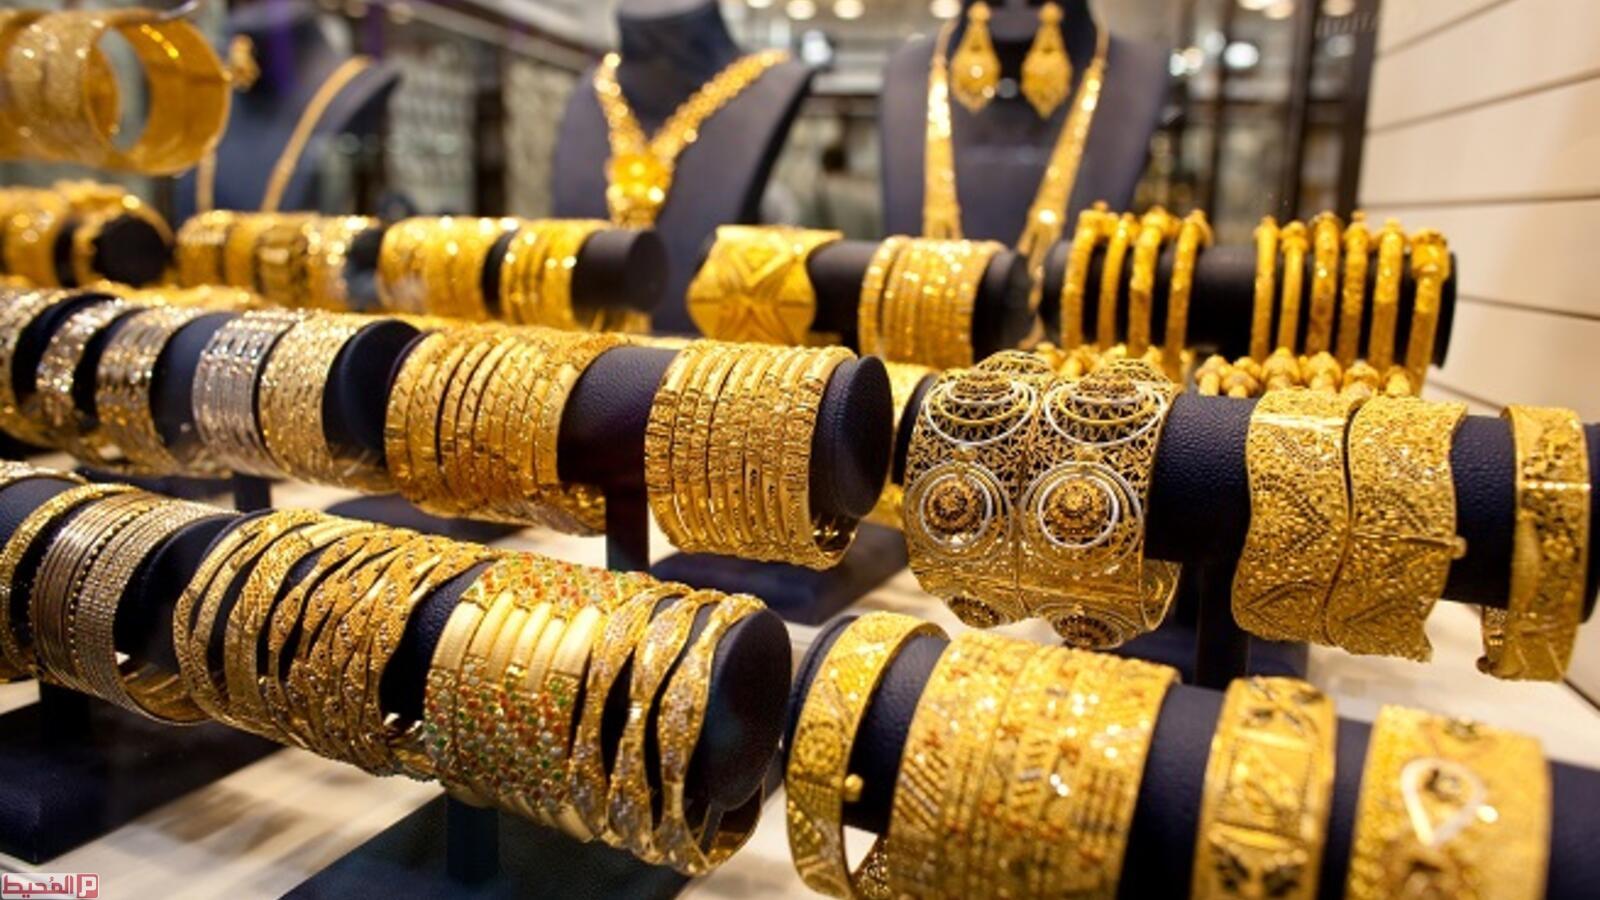 بعملية هوليودية .. تفاصيل جديدة عن اكبر سرقة محل لبيع الذهب بمحافظة اربيل